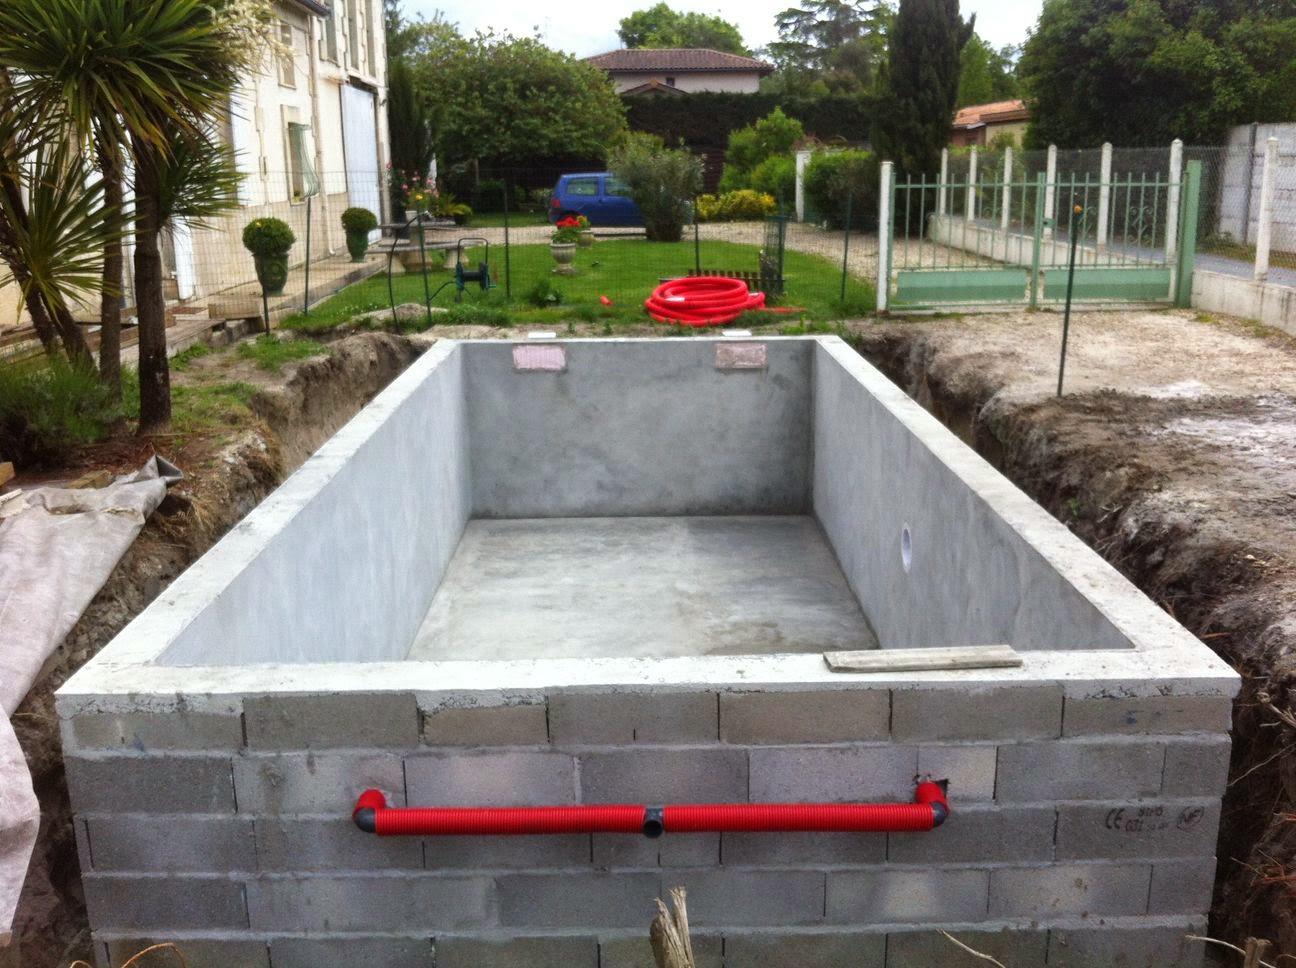 projet tapes de construction d 39 une piscine en gironde am nagements ext rieurs carports. Black Bedroom Furniture Sets. Home Design Ideas